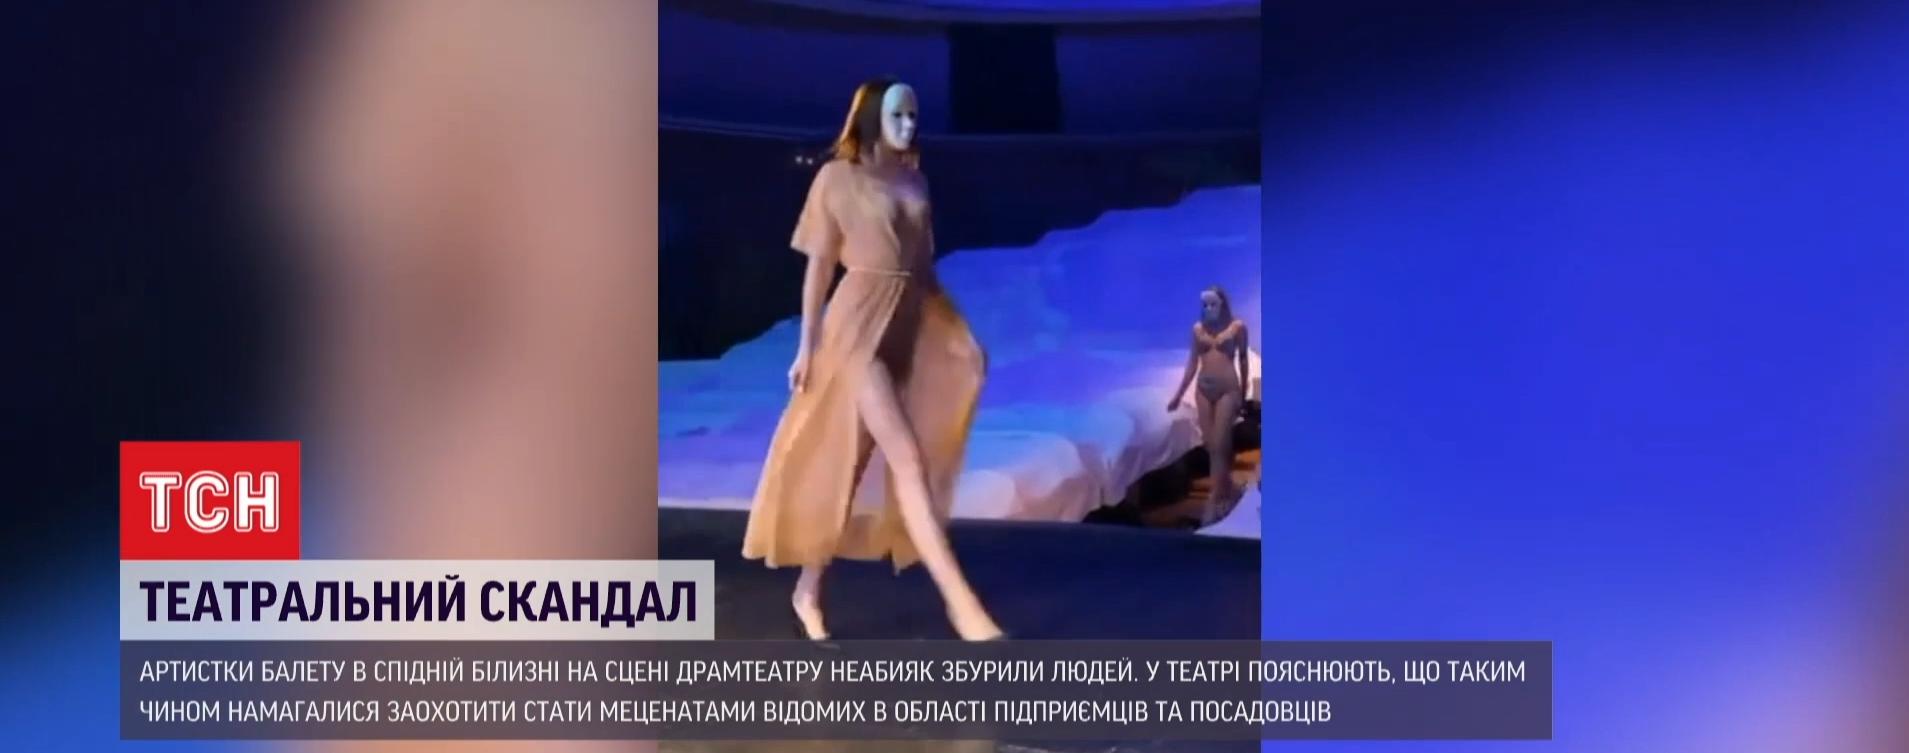 """Полуобнаженные девушки и никаких масок: херсонский театр прокомментировал скандал с """"вечеринкой"""" для депутатов"""